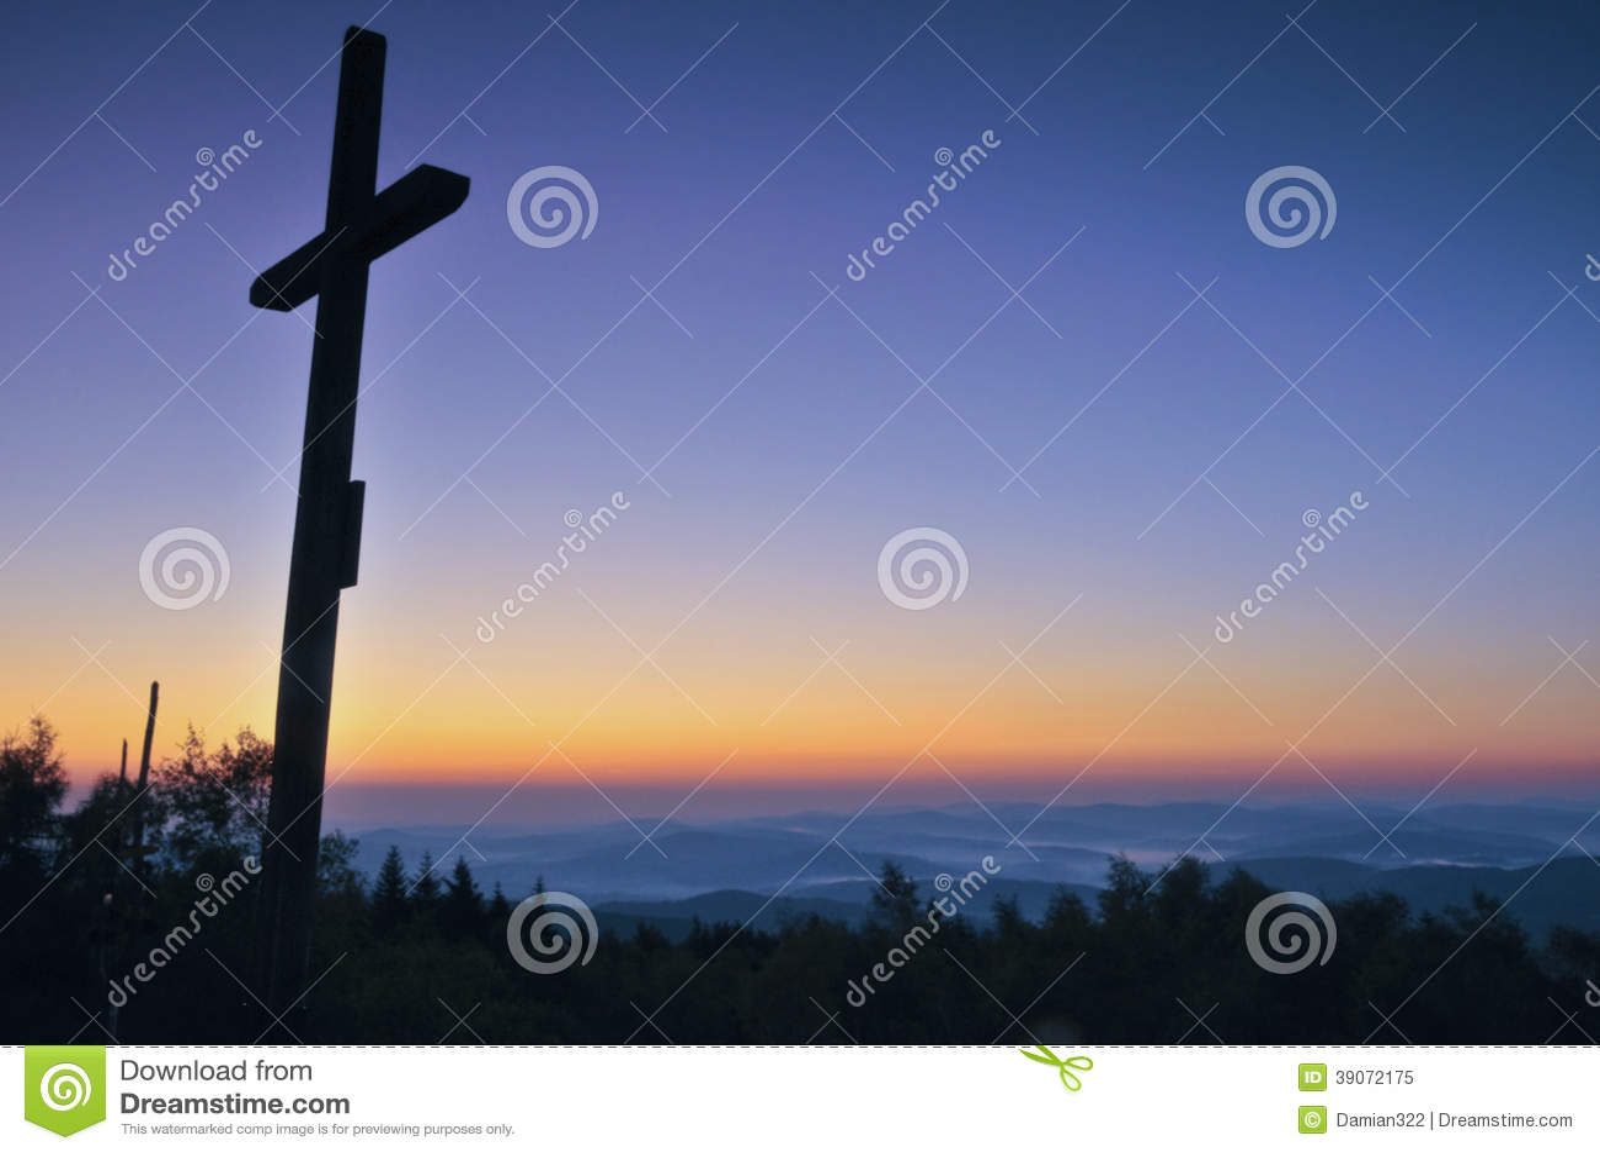 Διαγώνια σκιαγραφία με το ηλιοβασίλεμα ως υπόβαθρο